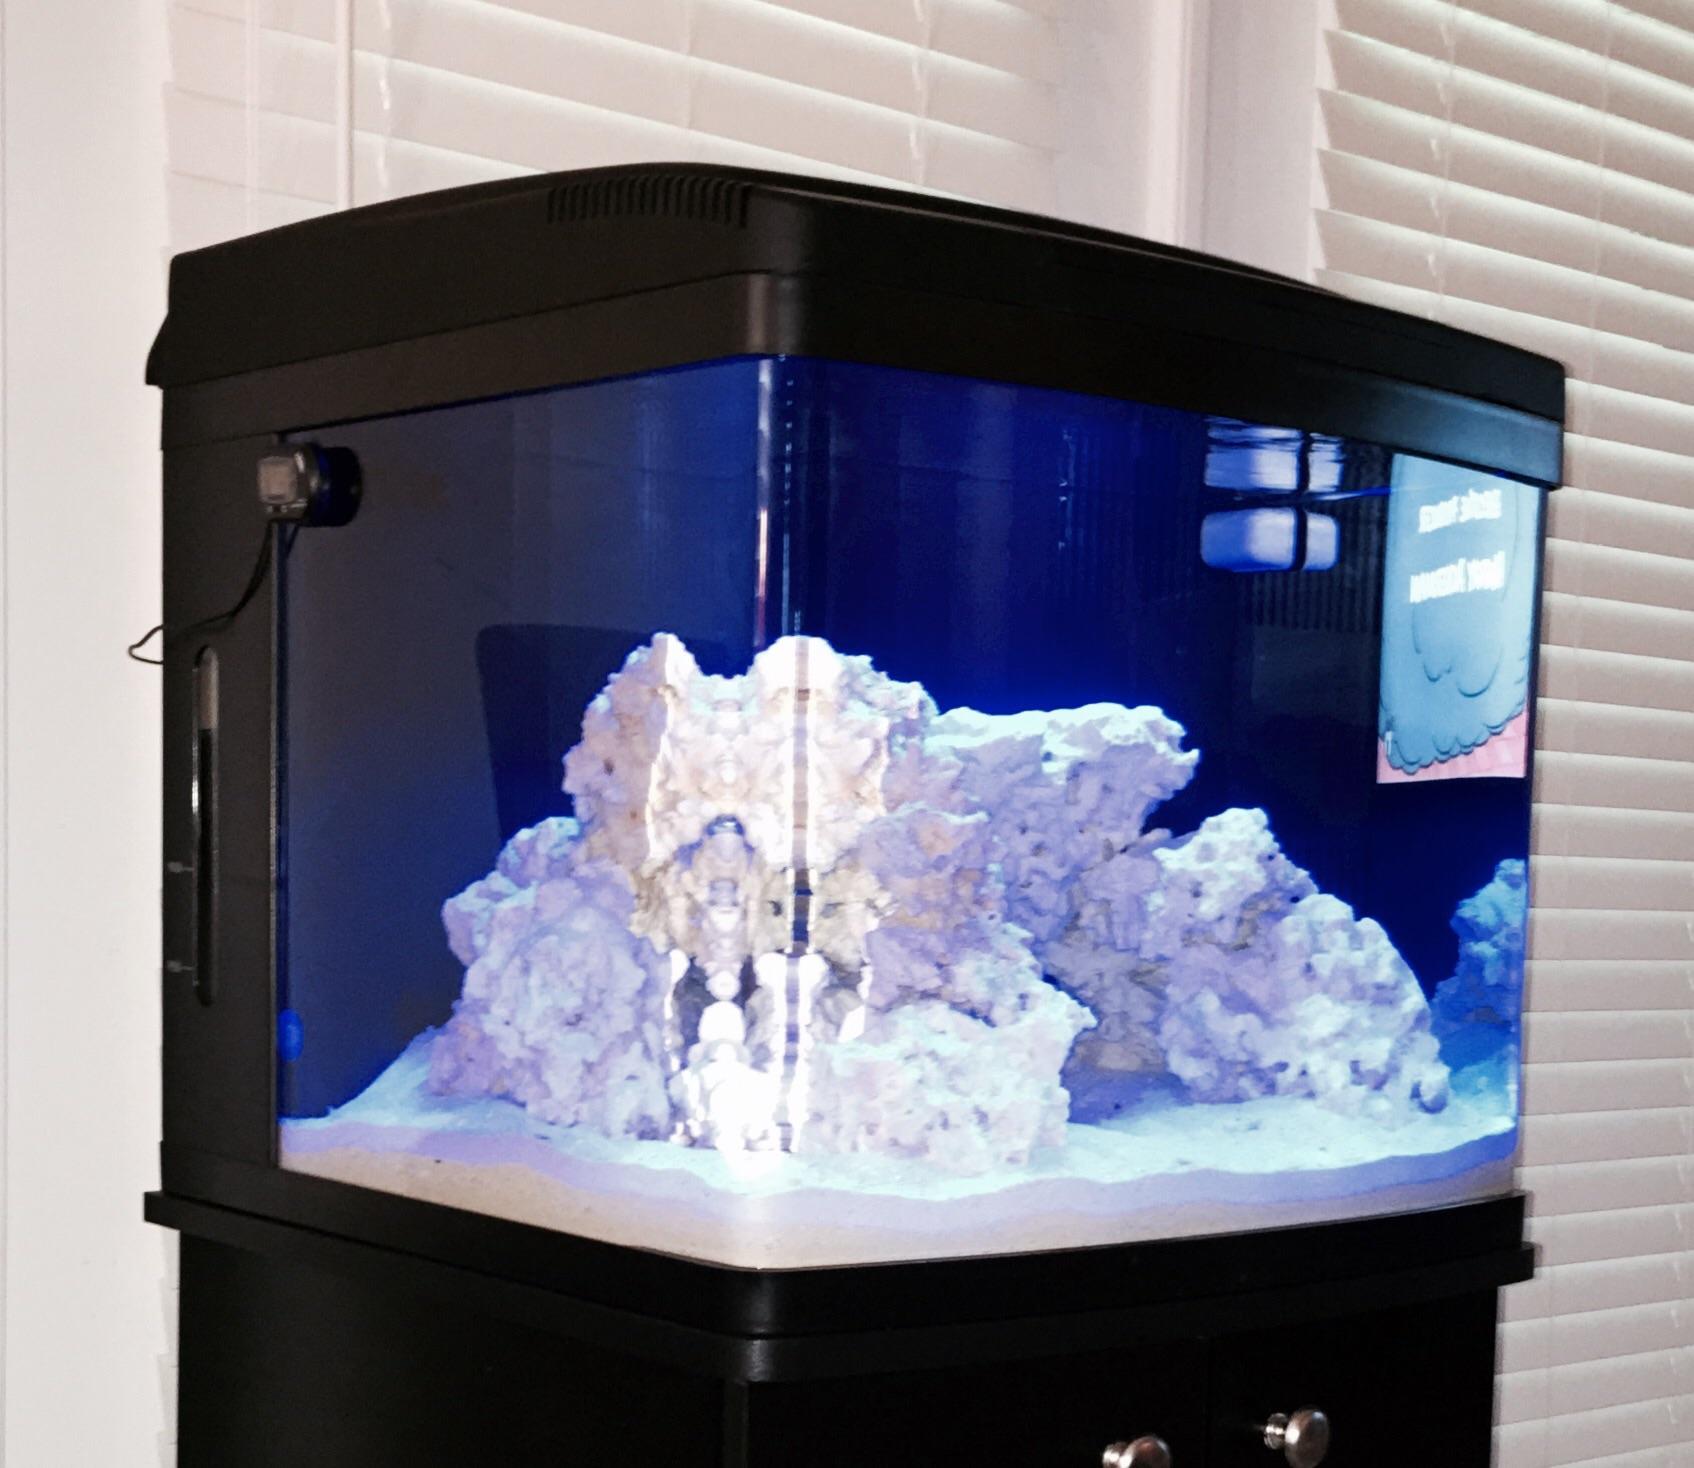 Rare earth corals biocube 29 tank build reef2reef for 29 gallon fish tank dimensions